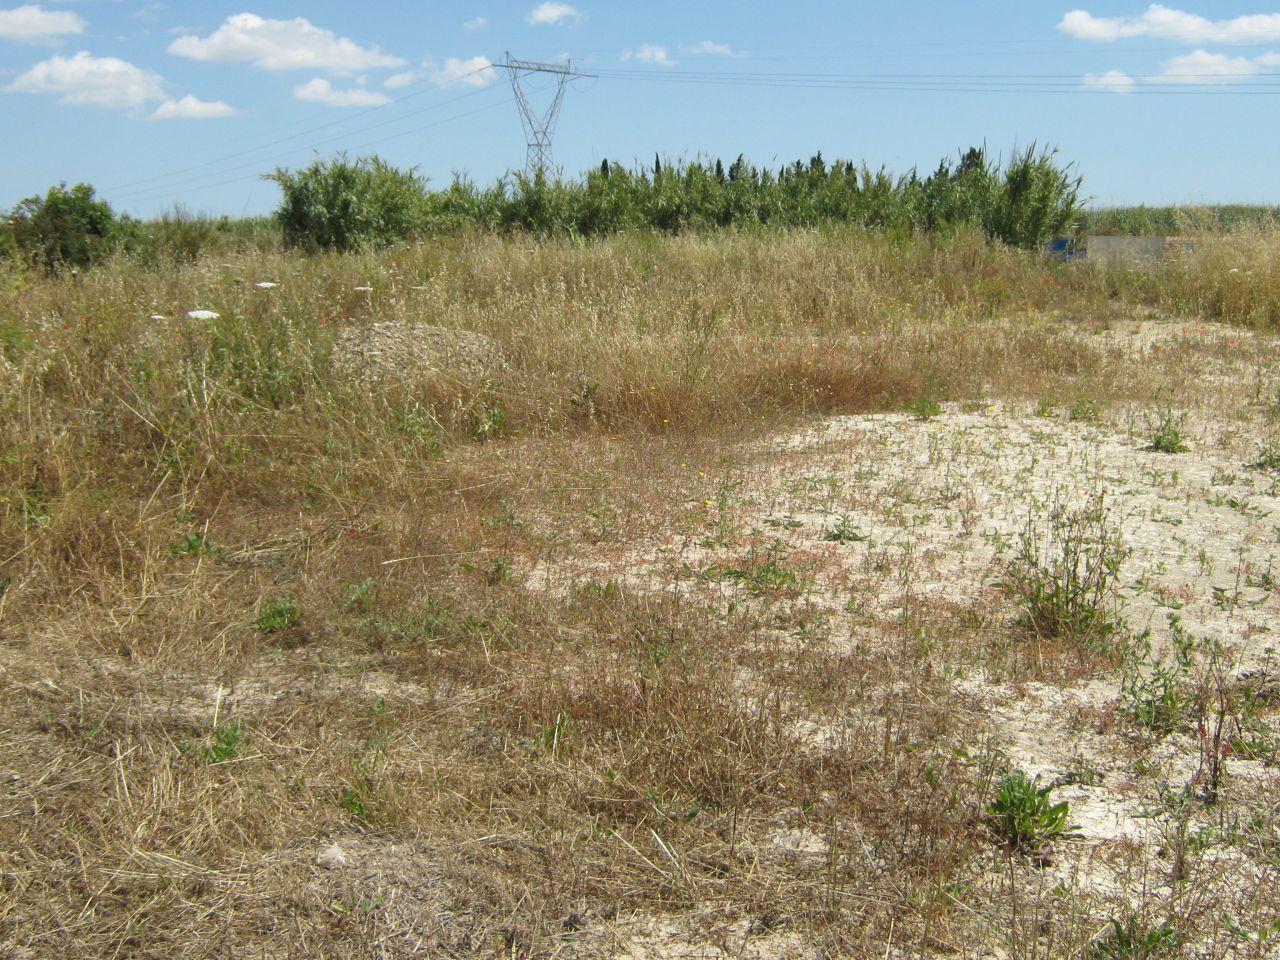 Terreno Edificabile Comm.le/Ind.le in vendita a Serramanna, 9999 locali, prezzo € 200.000 | Cambio Casa.it